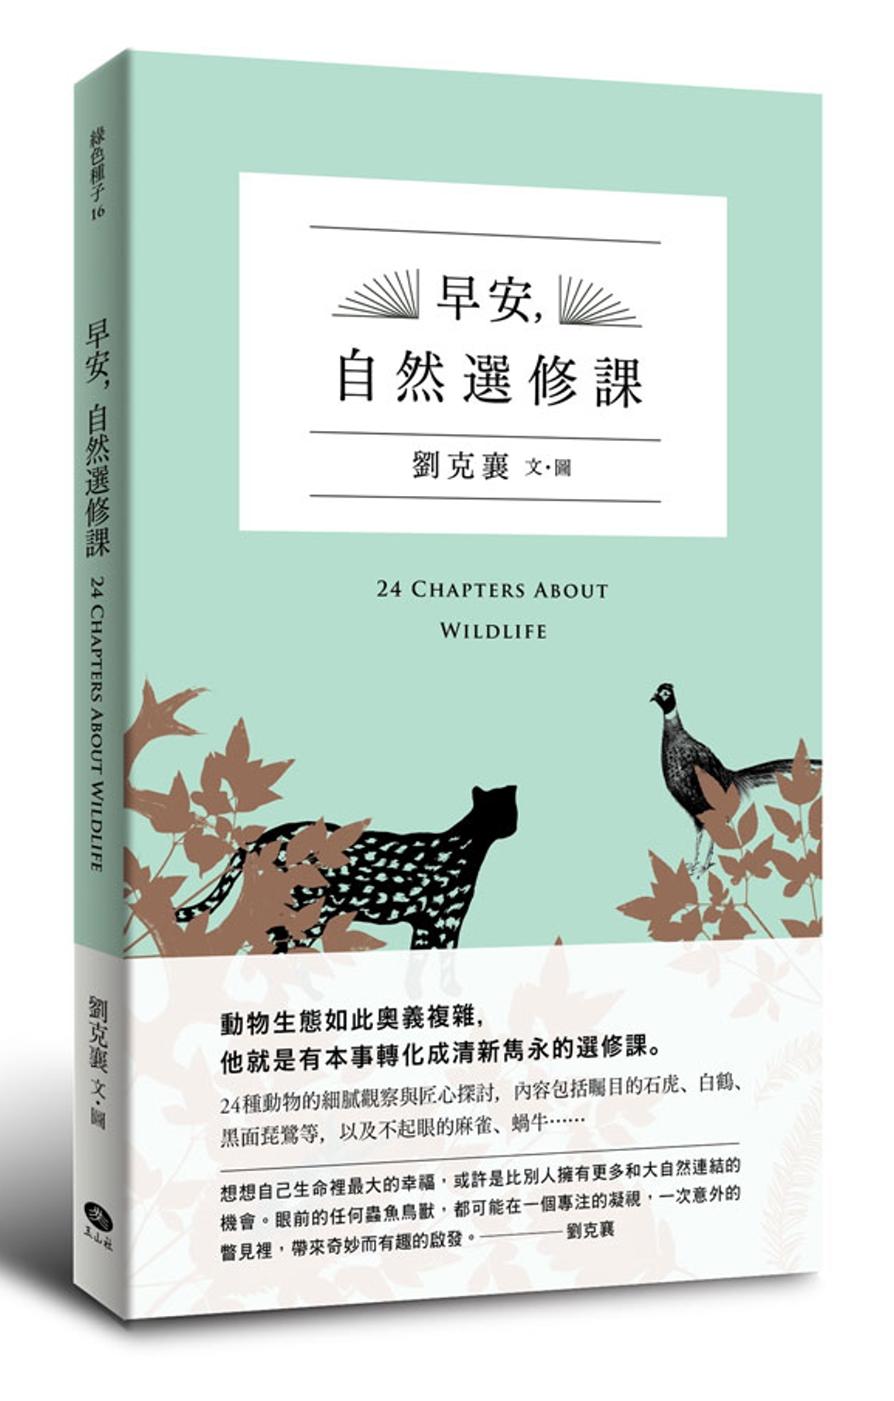 《早安,自然選修課》 商品條碼,ISBN:9789862941829